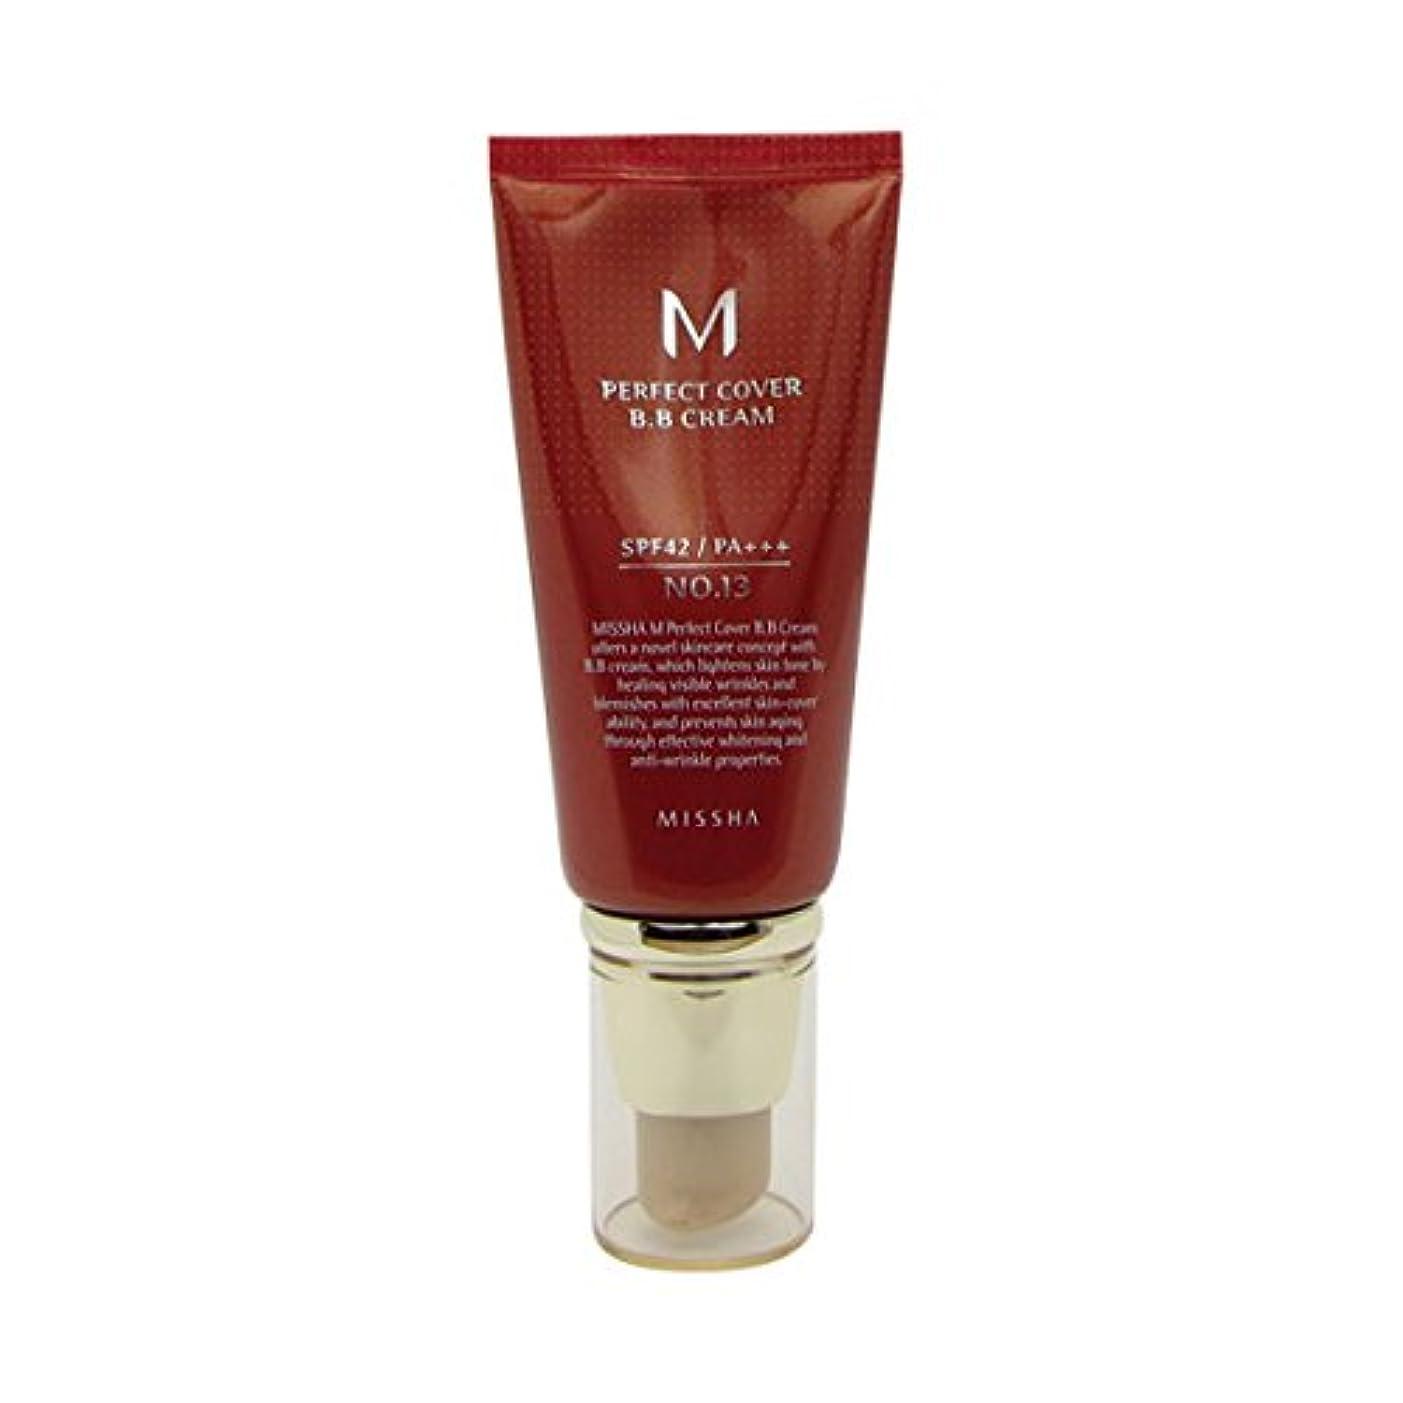 キャビンずんぐりした立証するMissha M Perfect Cover Bb Cream Spf42/pa+++ No.13 Bright Beige 50ml [並行輸入品]